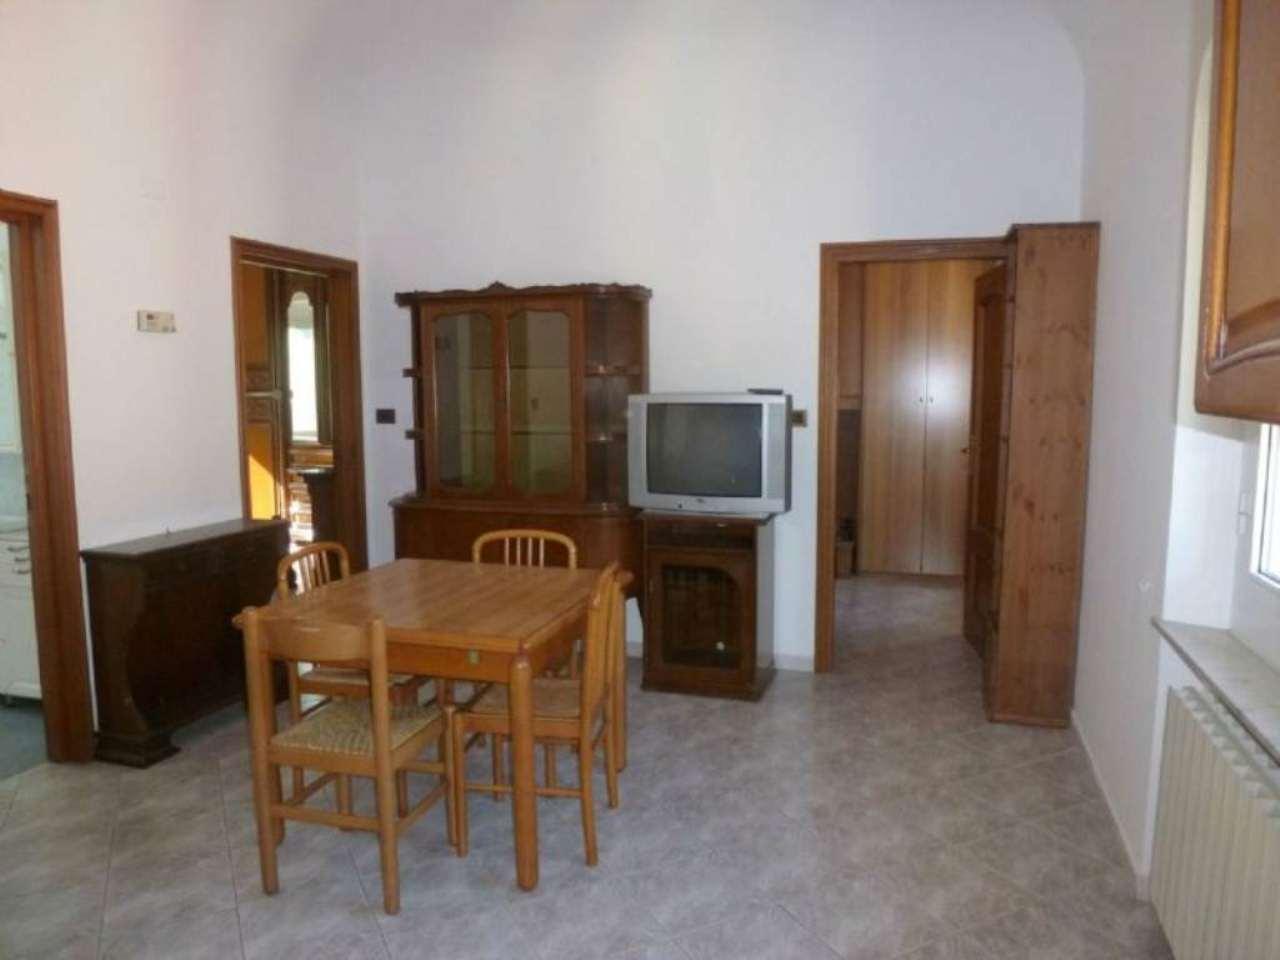 Appartamento in vendita a Campomorone, 4 locali, prezzo € 75.000 | CambioCasa.it